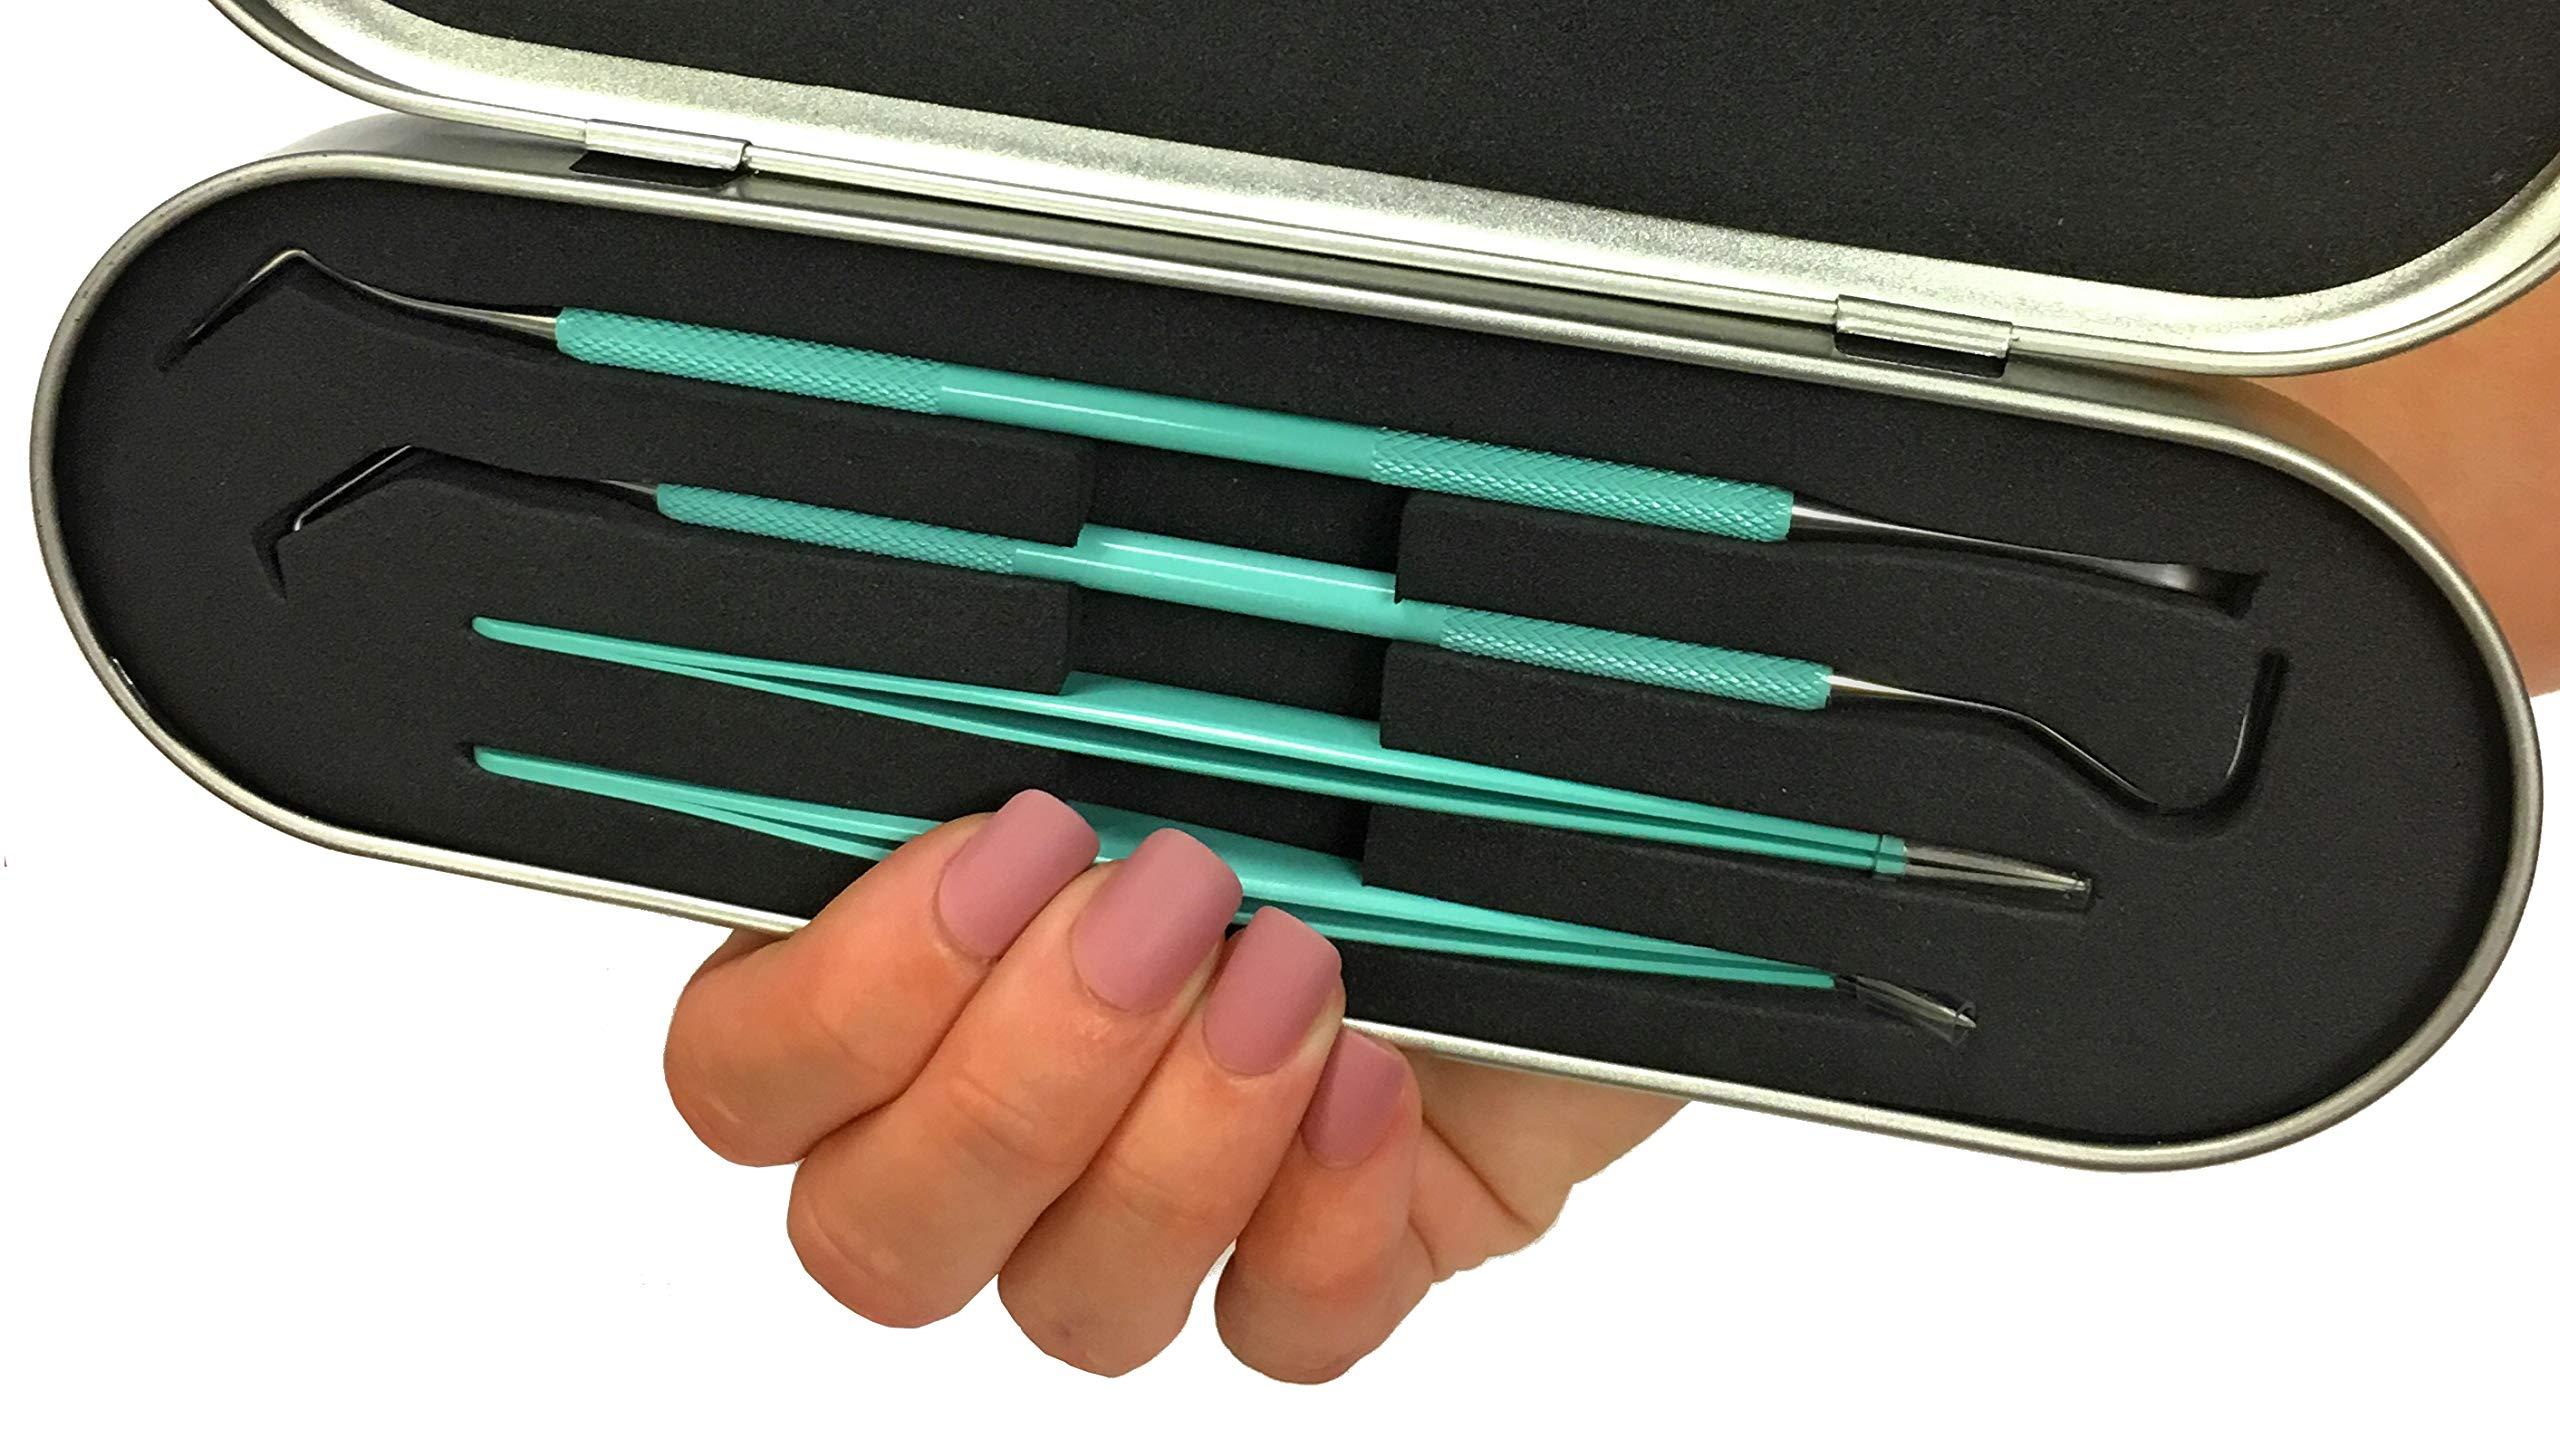 Premium Vinyl Weeding Tool Kit - Precision Stainless Steel Weeder - Hook and Pick with Fine Tweezers Crafting Set - by iVyne